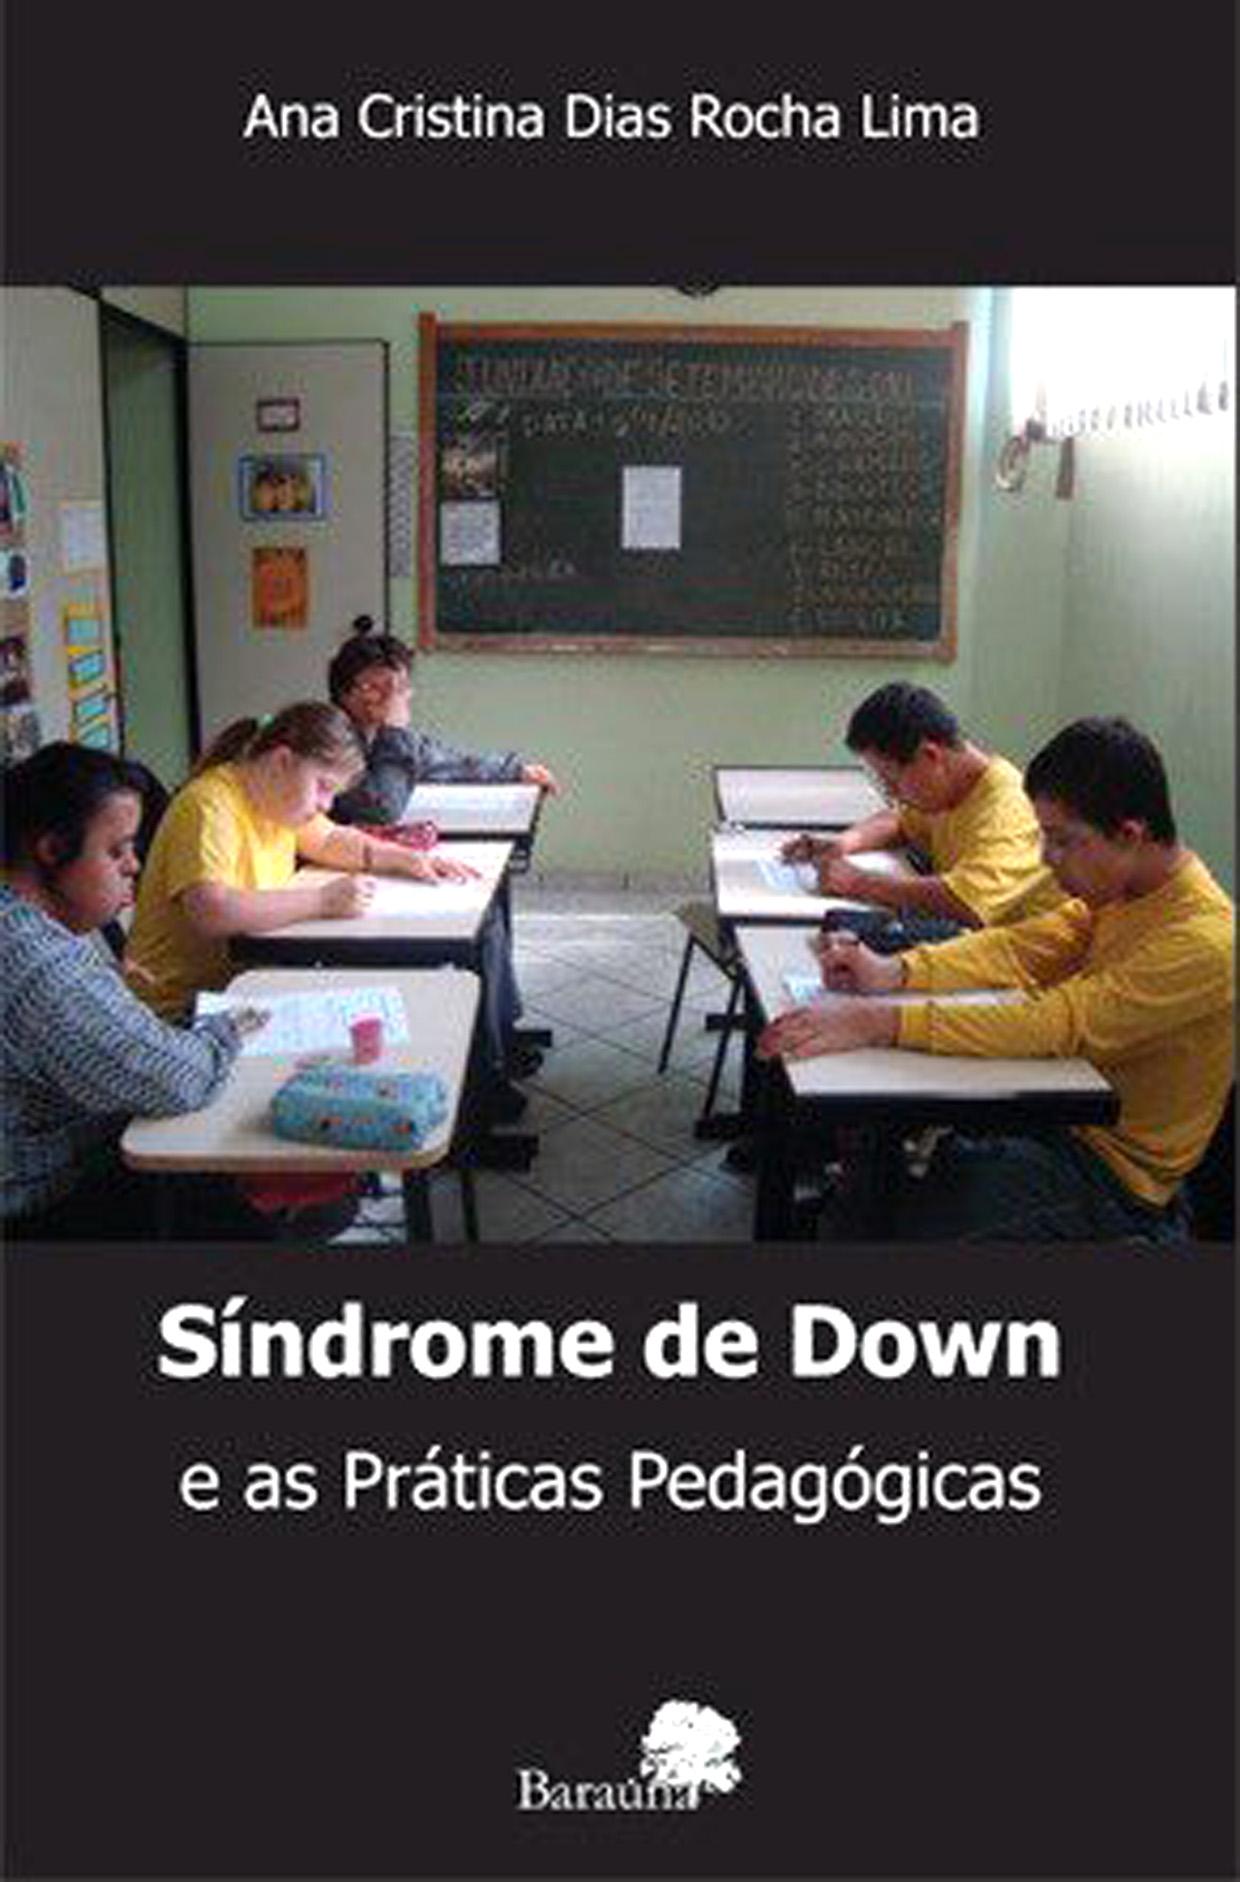 O livro foi escrito pela psicopedagoga Ana Cristina Dias Rocha Lima